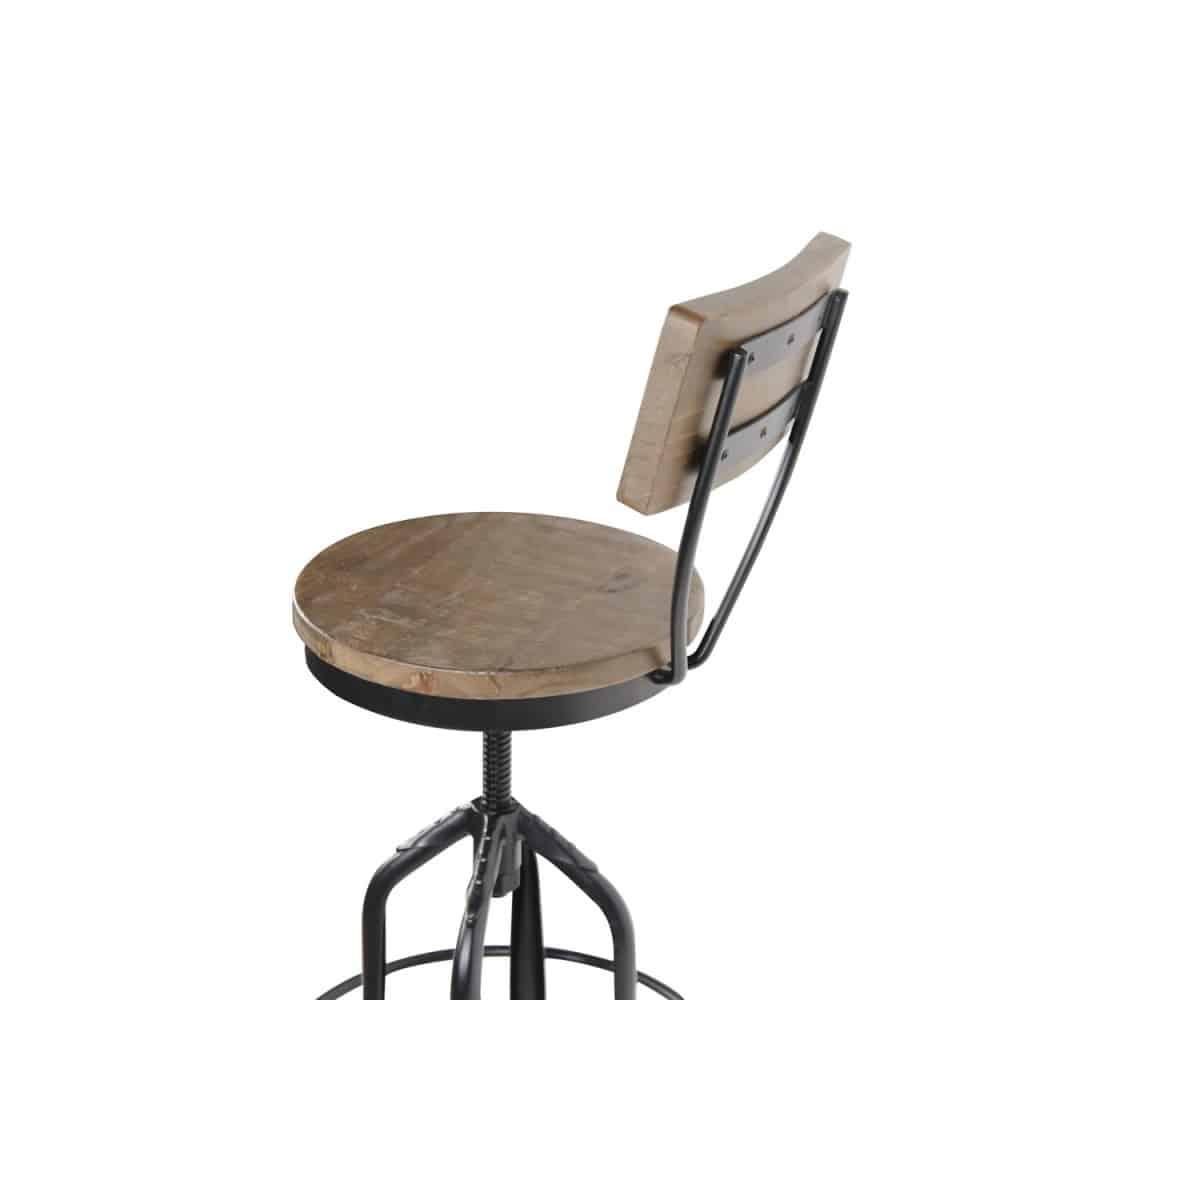 Chaise Haute Tabouret Bois Fer Forgé 40.5x40.5x102cm